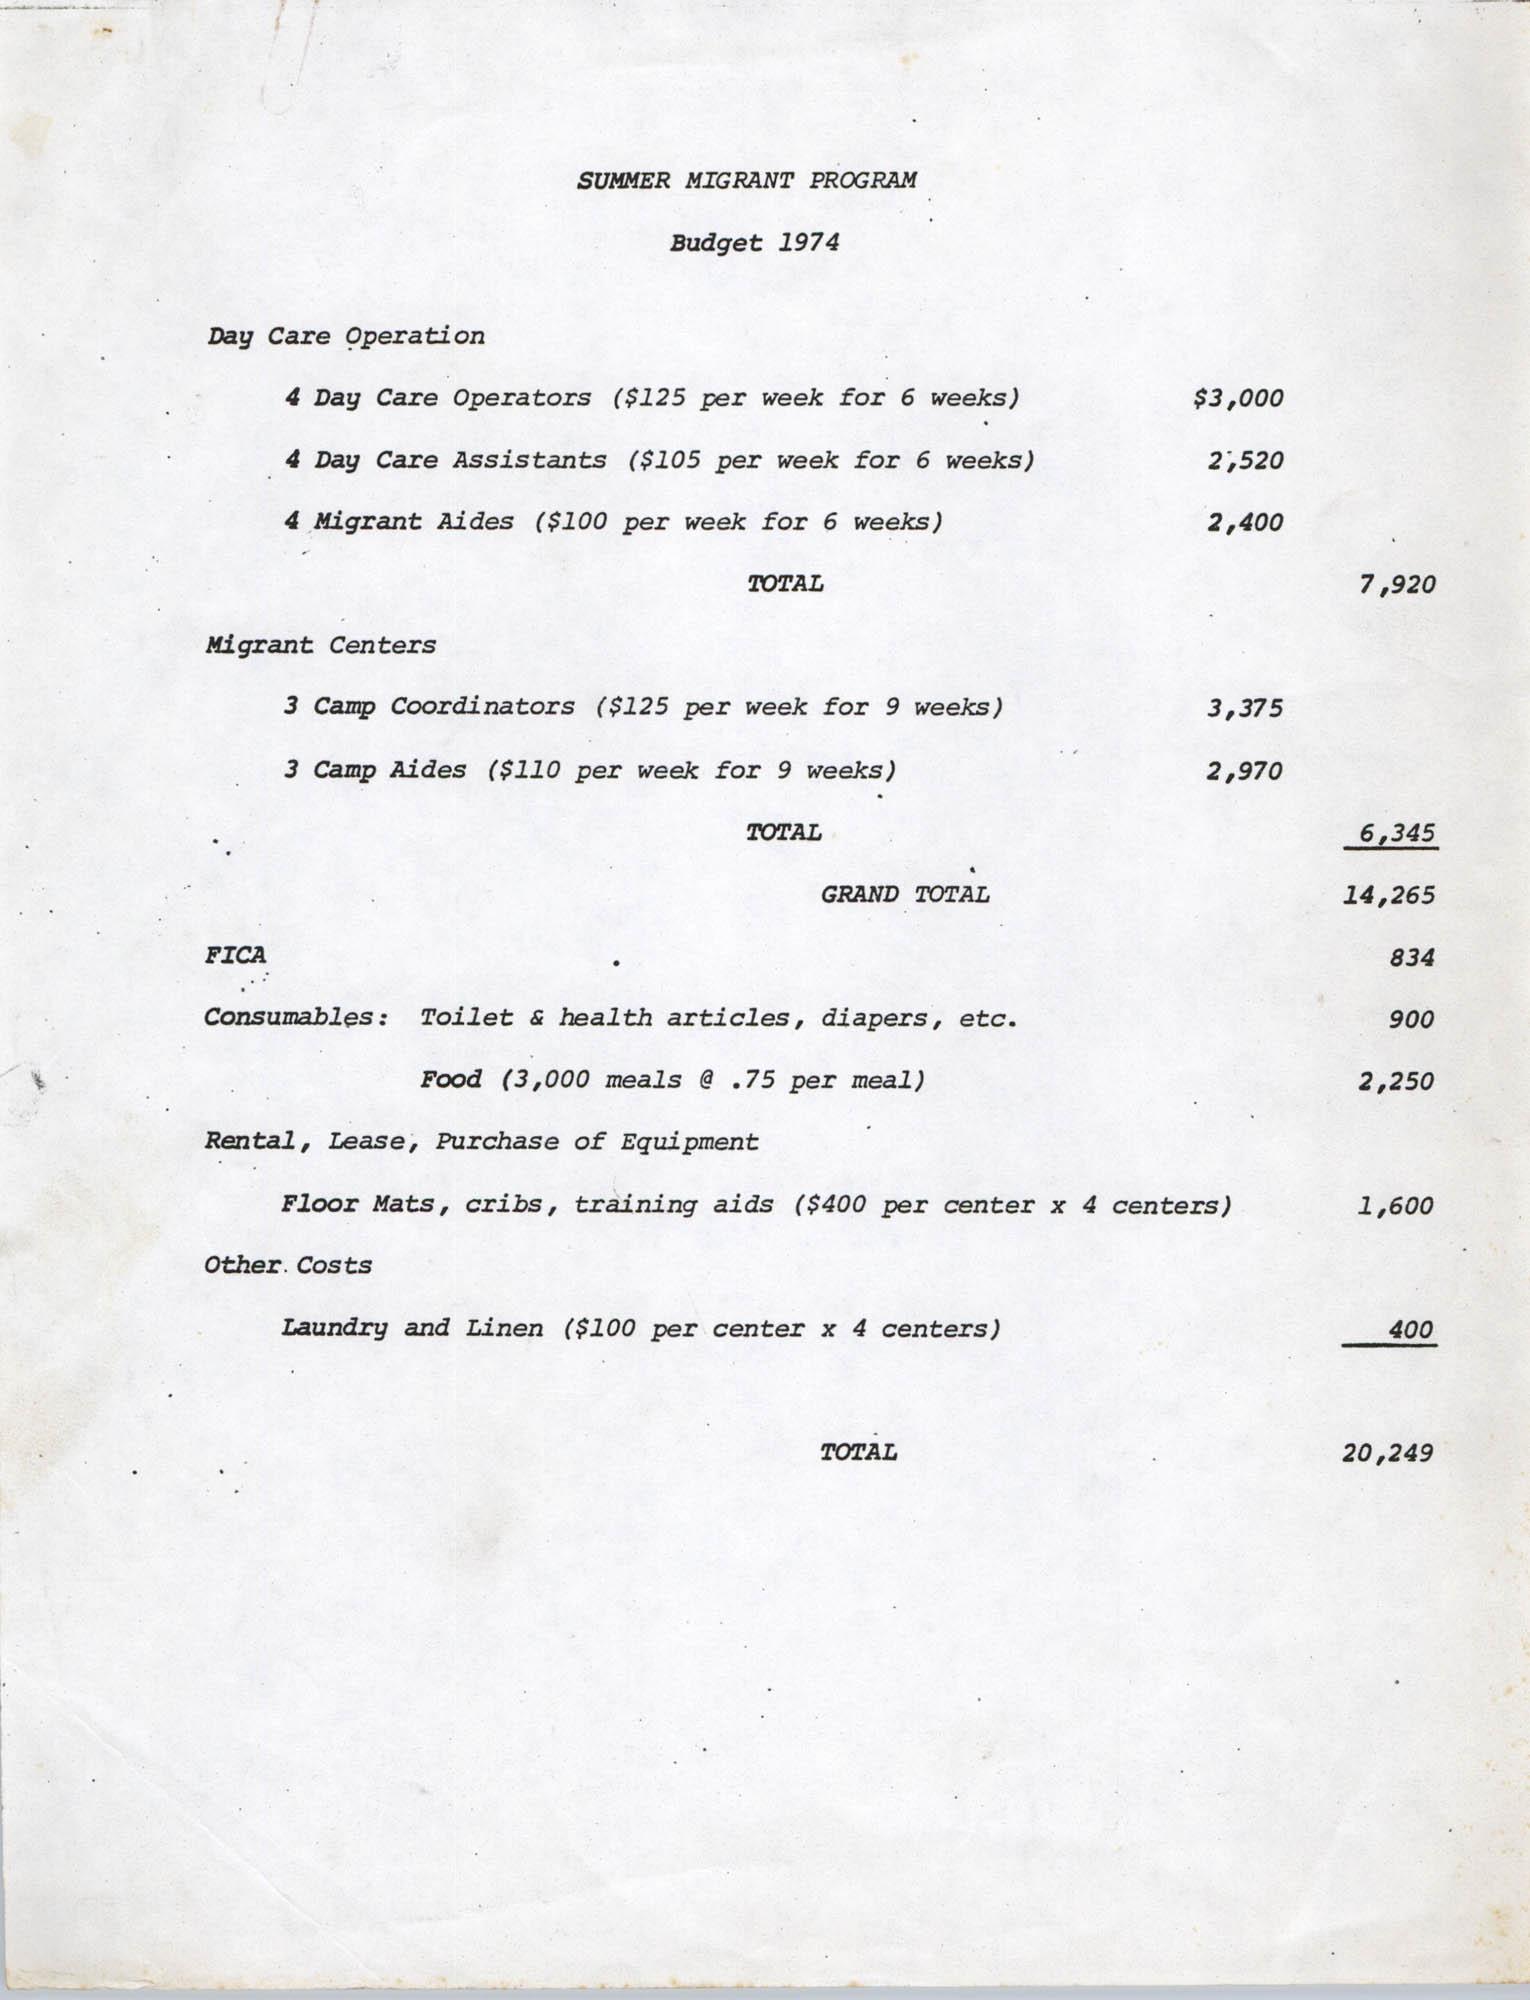 Summer Migrant Program, Budget 1974